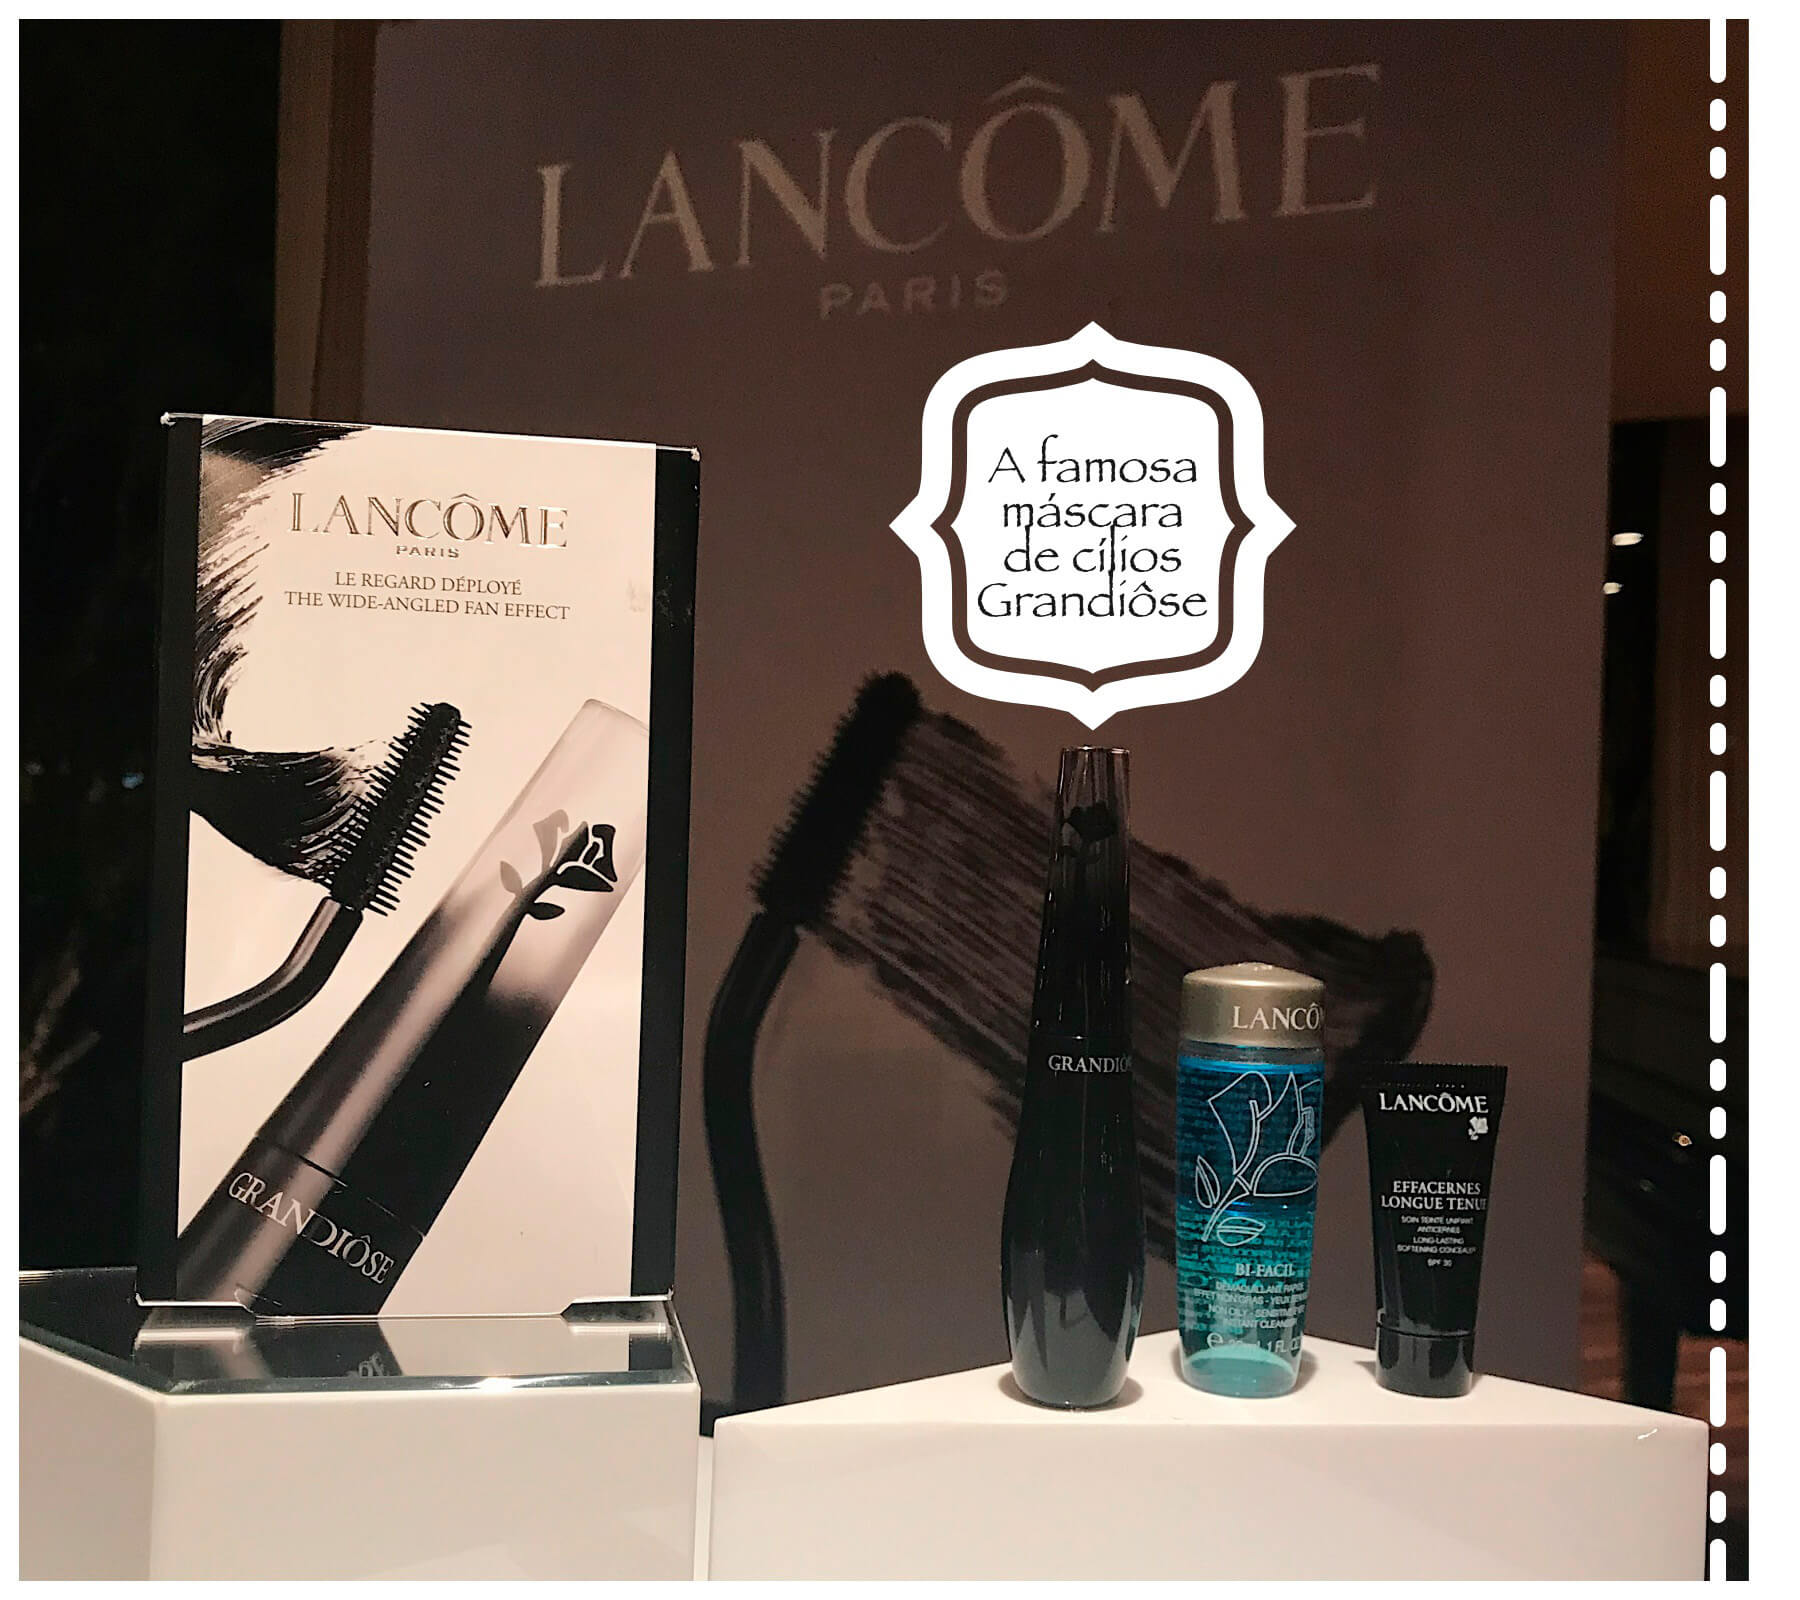 Lançamentos Sephora de Lancôme, o kit Grandiôse, com a máscara Grandiôse, demaquilante e corretivo.